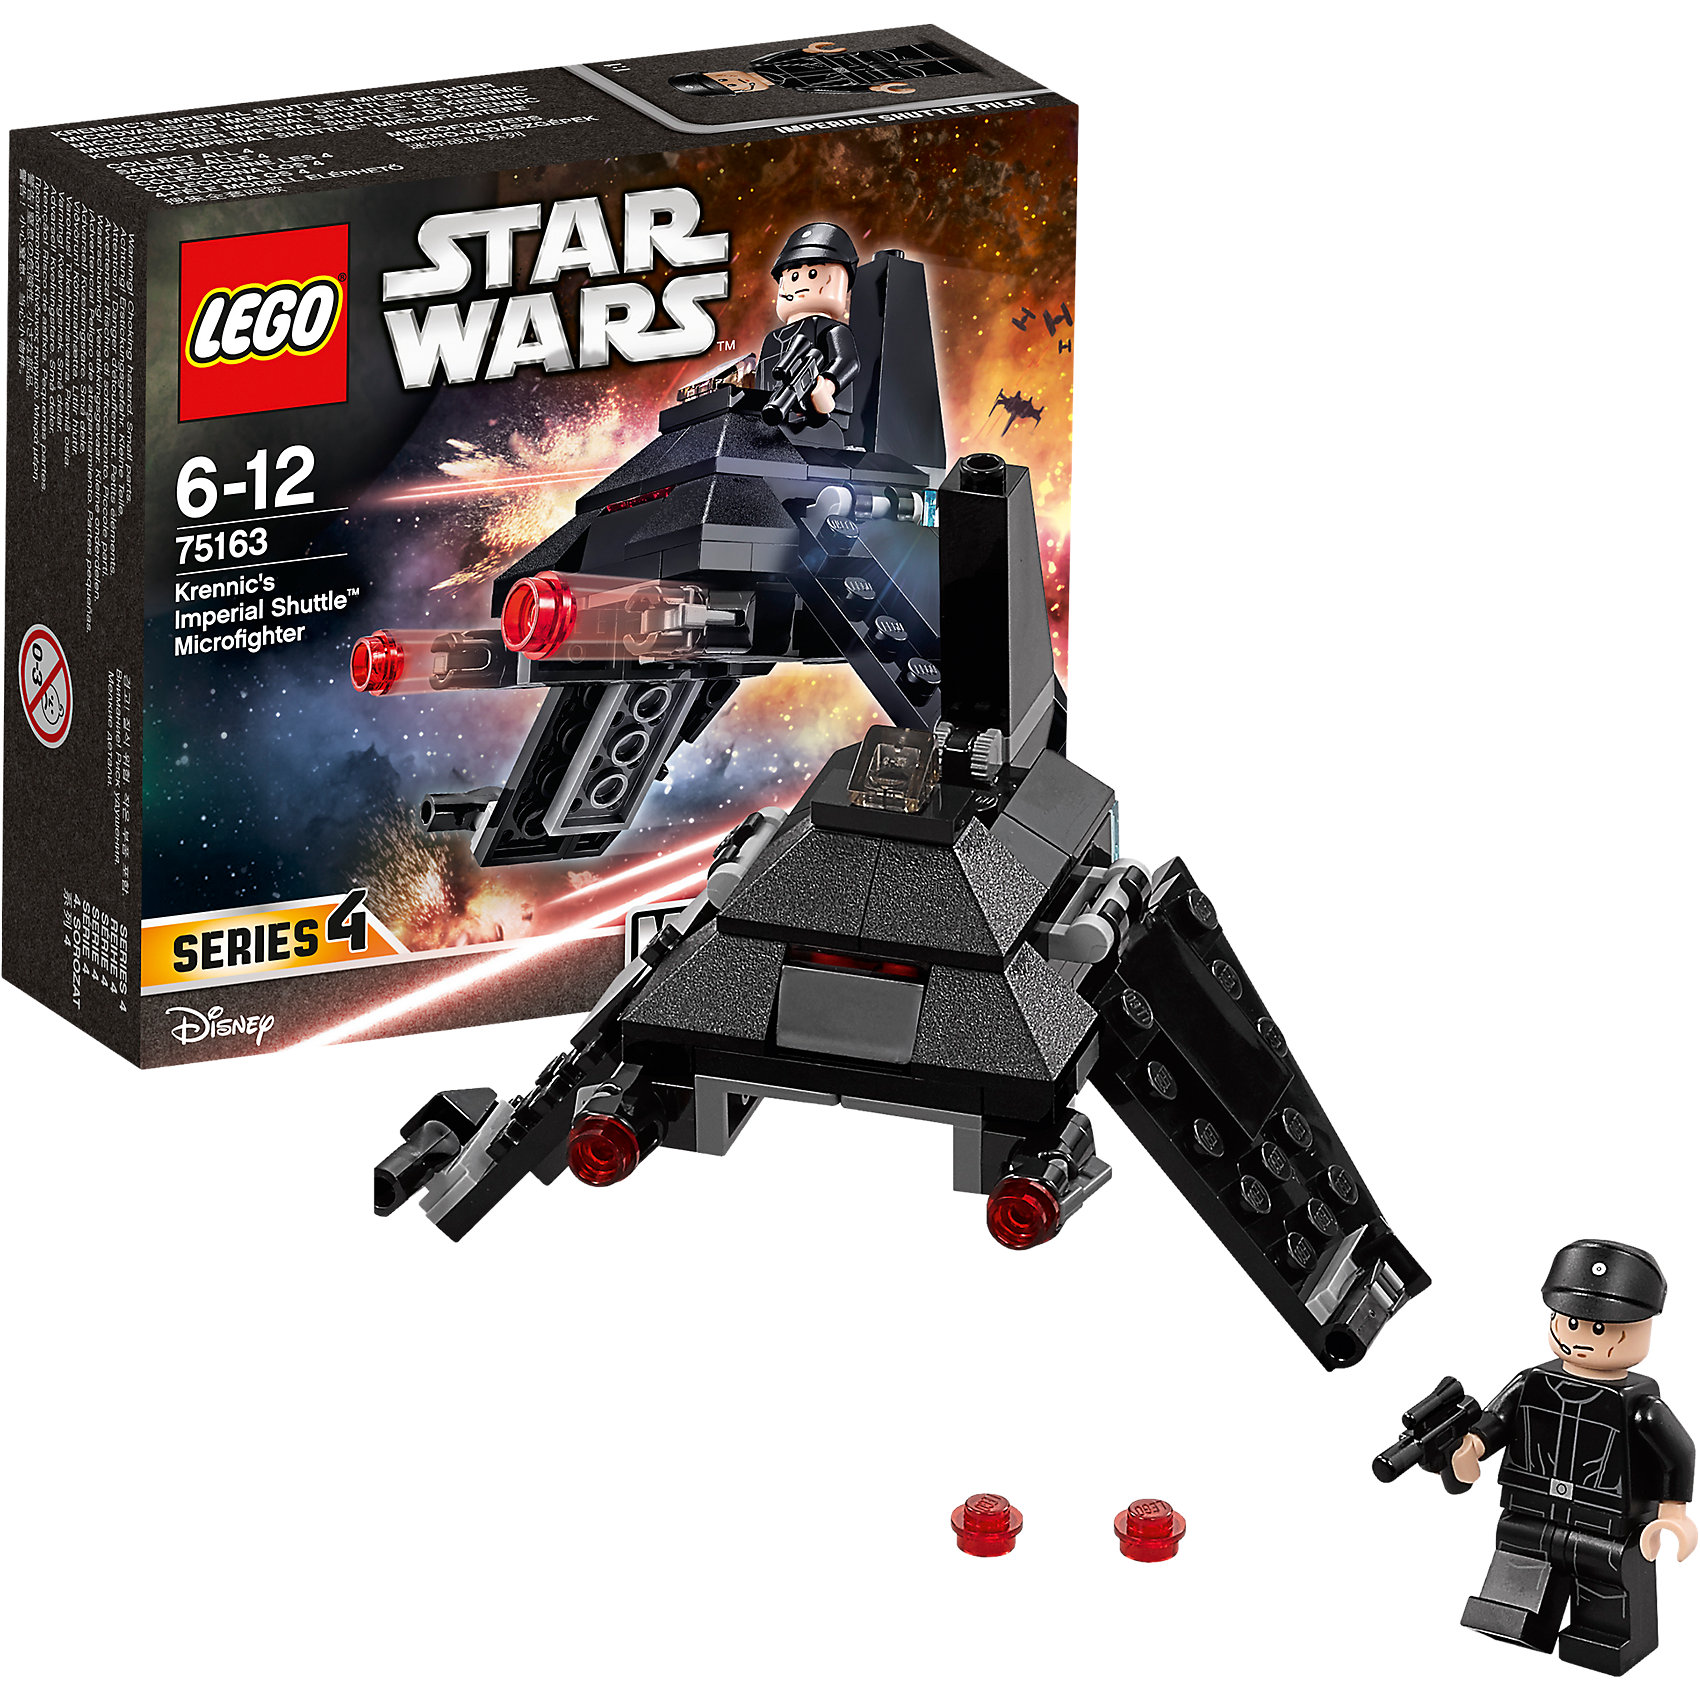 """LEGO Star Wars 75163: Микроистребитель «Имперский шаттл Кренника»Пластмассовые конструкторы<br>LEGO Star Wars 75163: Микроистребитель «Имперский шаттл Кренника»<br><br>Характеристики:<br><br>- в набор входит: детали истребителя, 1 фигурка, аксессуары, инструкция<br>- состав: пластик<br>- количество деталей: 78<br>- примерное время сборки: 20 минут<br>- размер истребителя: 8 * 8 * 11 см.<br>- для детей в возрасте: от 6 до 12 лет<br>- Страна производитель: Дания/Китай/Чехия/<br><br>Легендарный конструктор LEGO (ЛЕГО) представляет серию """"Звездные Войны"""" с героями одноименных фильмов. В набор входит Микроистребитель и фигурка пилота имперского шаттла. Отличная детализация костюма пилота добавляет фигурке реалистичности, а аксессуары в виде офицерского головного убора и бластера добавляет сходства пилота с имперскими офицерами, поэтому фигурка сможет участвовать в дополнительных ролях игр про Звездные Войны. Имперский микроистребитель создан по мотивам фильма """"Изгой-один. Звёздные войны: Истории"""". Шаттл Кренника выполнен в черном цвете и по форме и детализации очень схож с моделью фильма. Крылья шаттла двигаются для увеличения маневренности. Передние пушки оснащены механизмом, позволяющим осуществлять стрельбу. Прозрачные голубые детали симулируют работу двигателя и выглядят очень гармонично. Опасный шаттл Темной Стороны силы противостоит повстанцам и не позволит им добраться до чертежей Звезды Смерти.<br><br>Конструктор LEGO Star Wars 75163: Микроистребитель «Имперский шаттл Кренника» можно купить в нашем интернет-магазине.<br><br>Ширина мм: 144<br>Глубина мм: 123<br>Высота мм: 50<br>Вес г: 85<br>Возраст от месяцев: 72<br>Возраст до месяцев: 144<br>Пол: Мужской<br>Возраст: Детский<br>SKU: 5002385"""